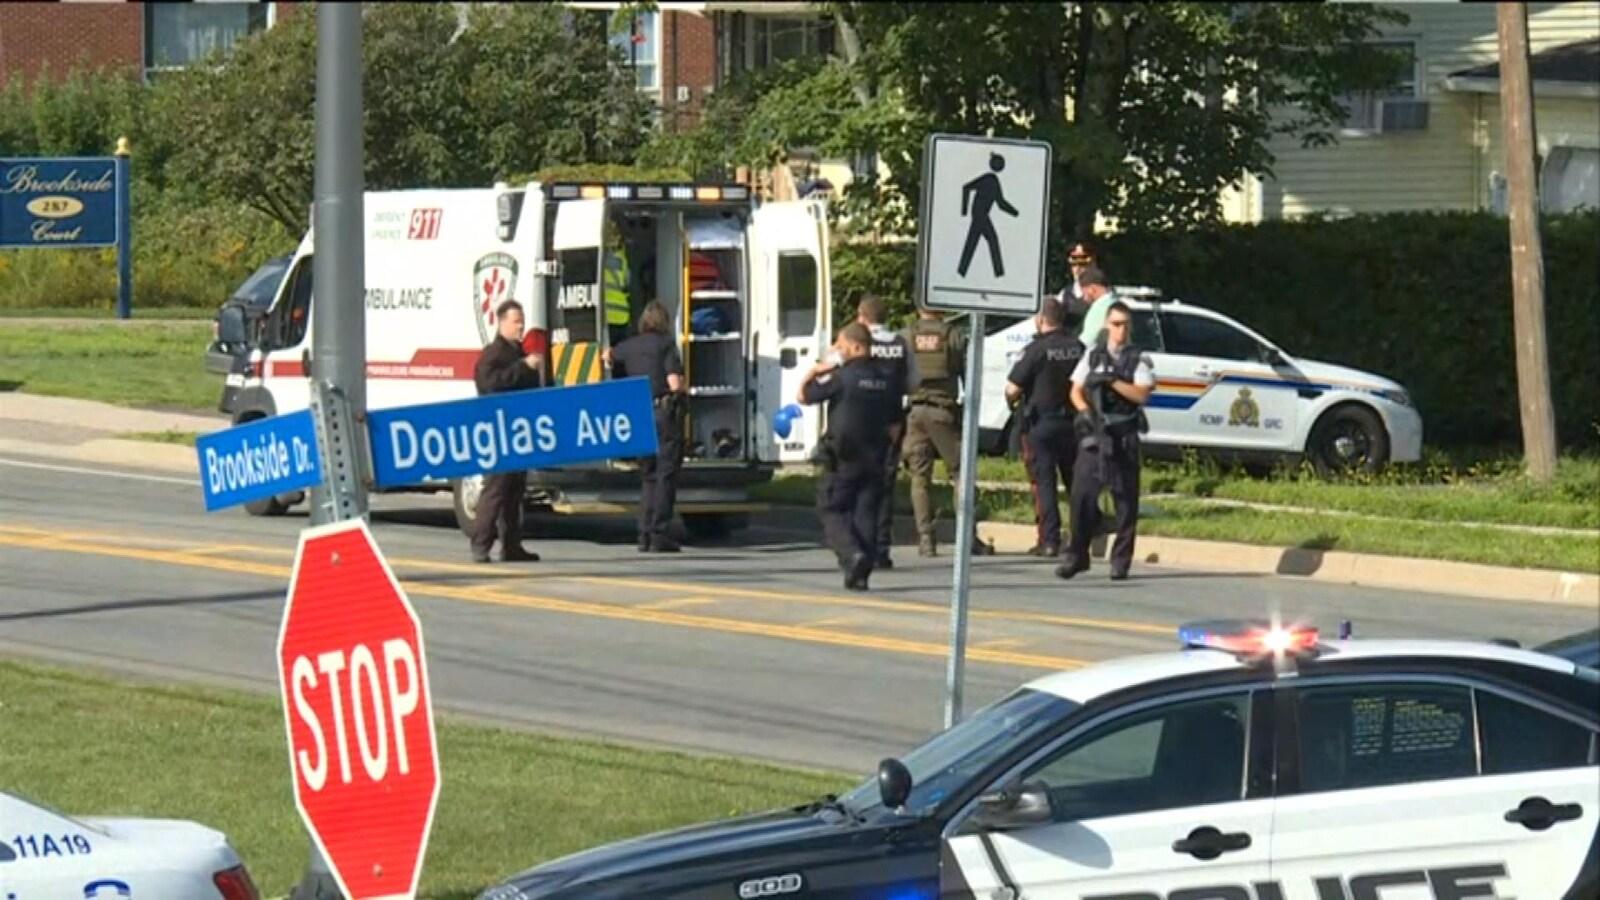 Des policiers déployés à l'arrière d'une ambulance.